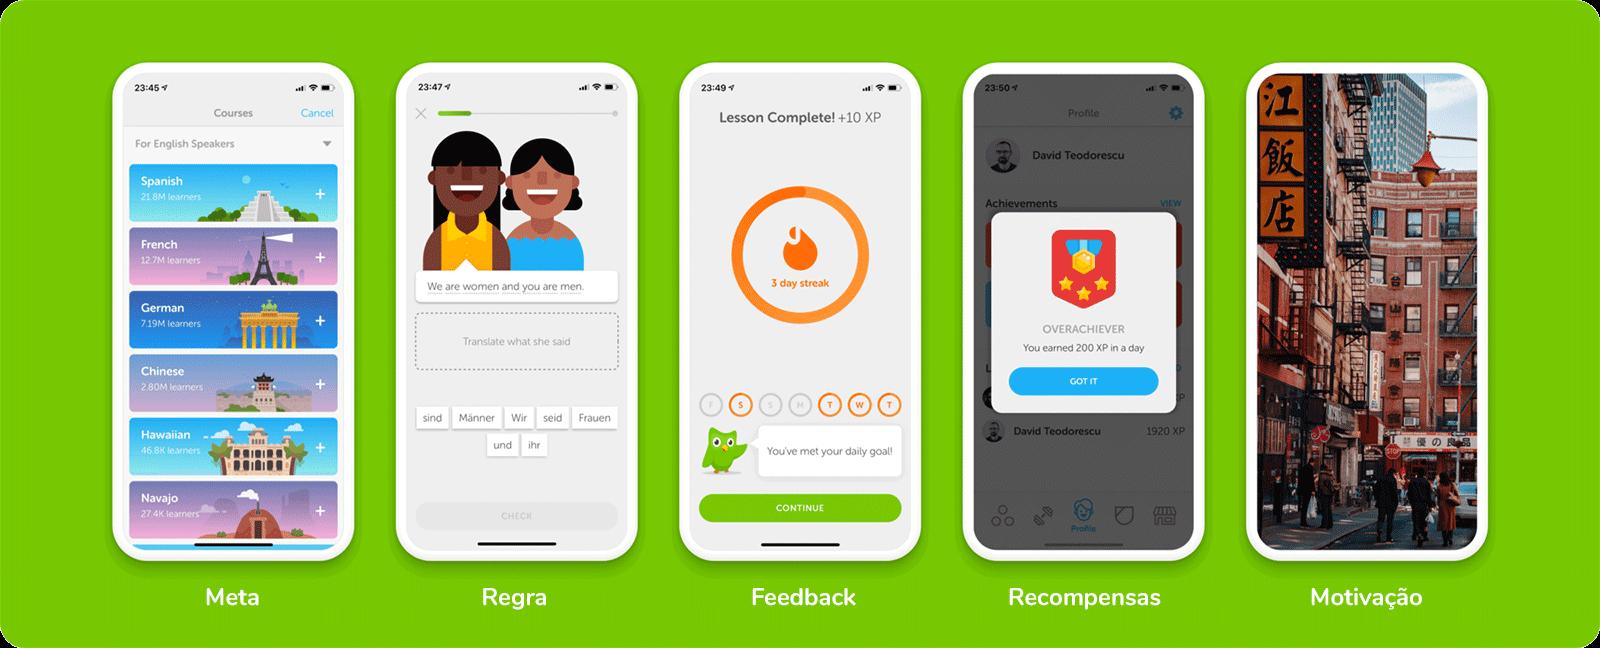 Introdução à gamificação: exemplos de gamificação do mundo real: Duolingo